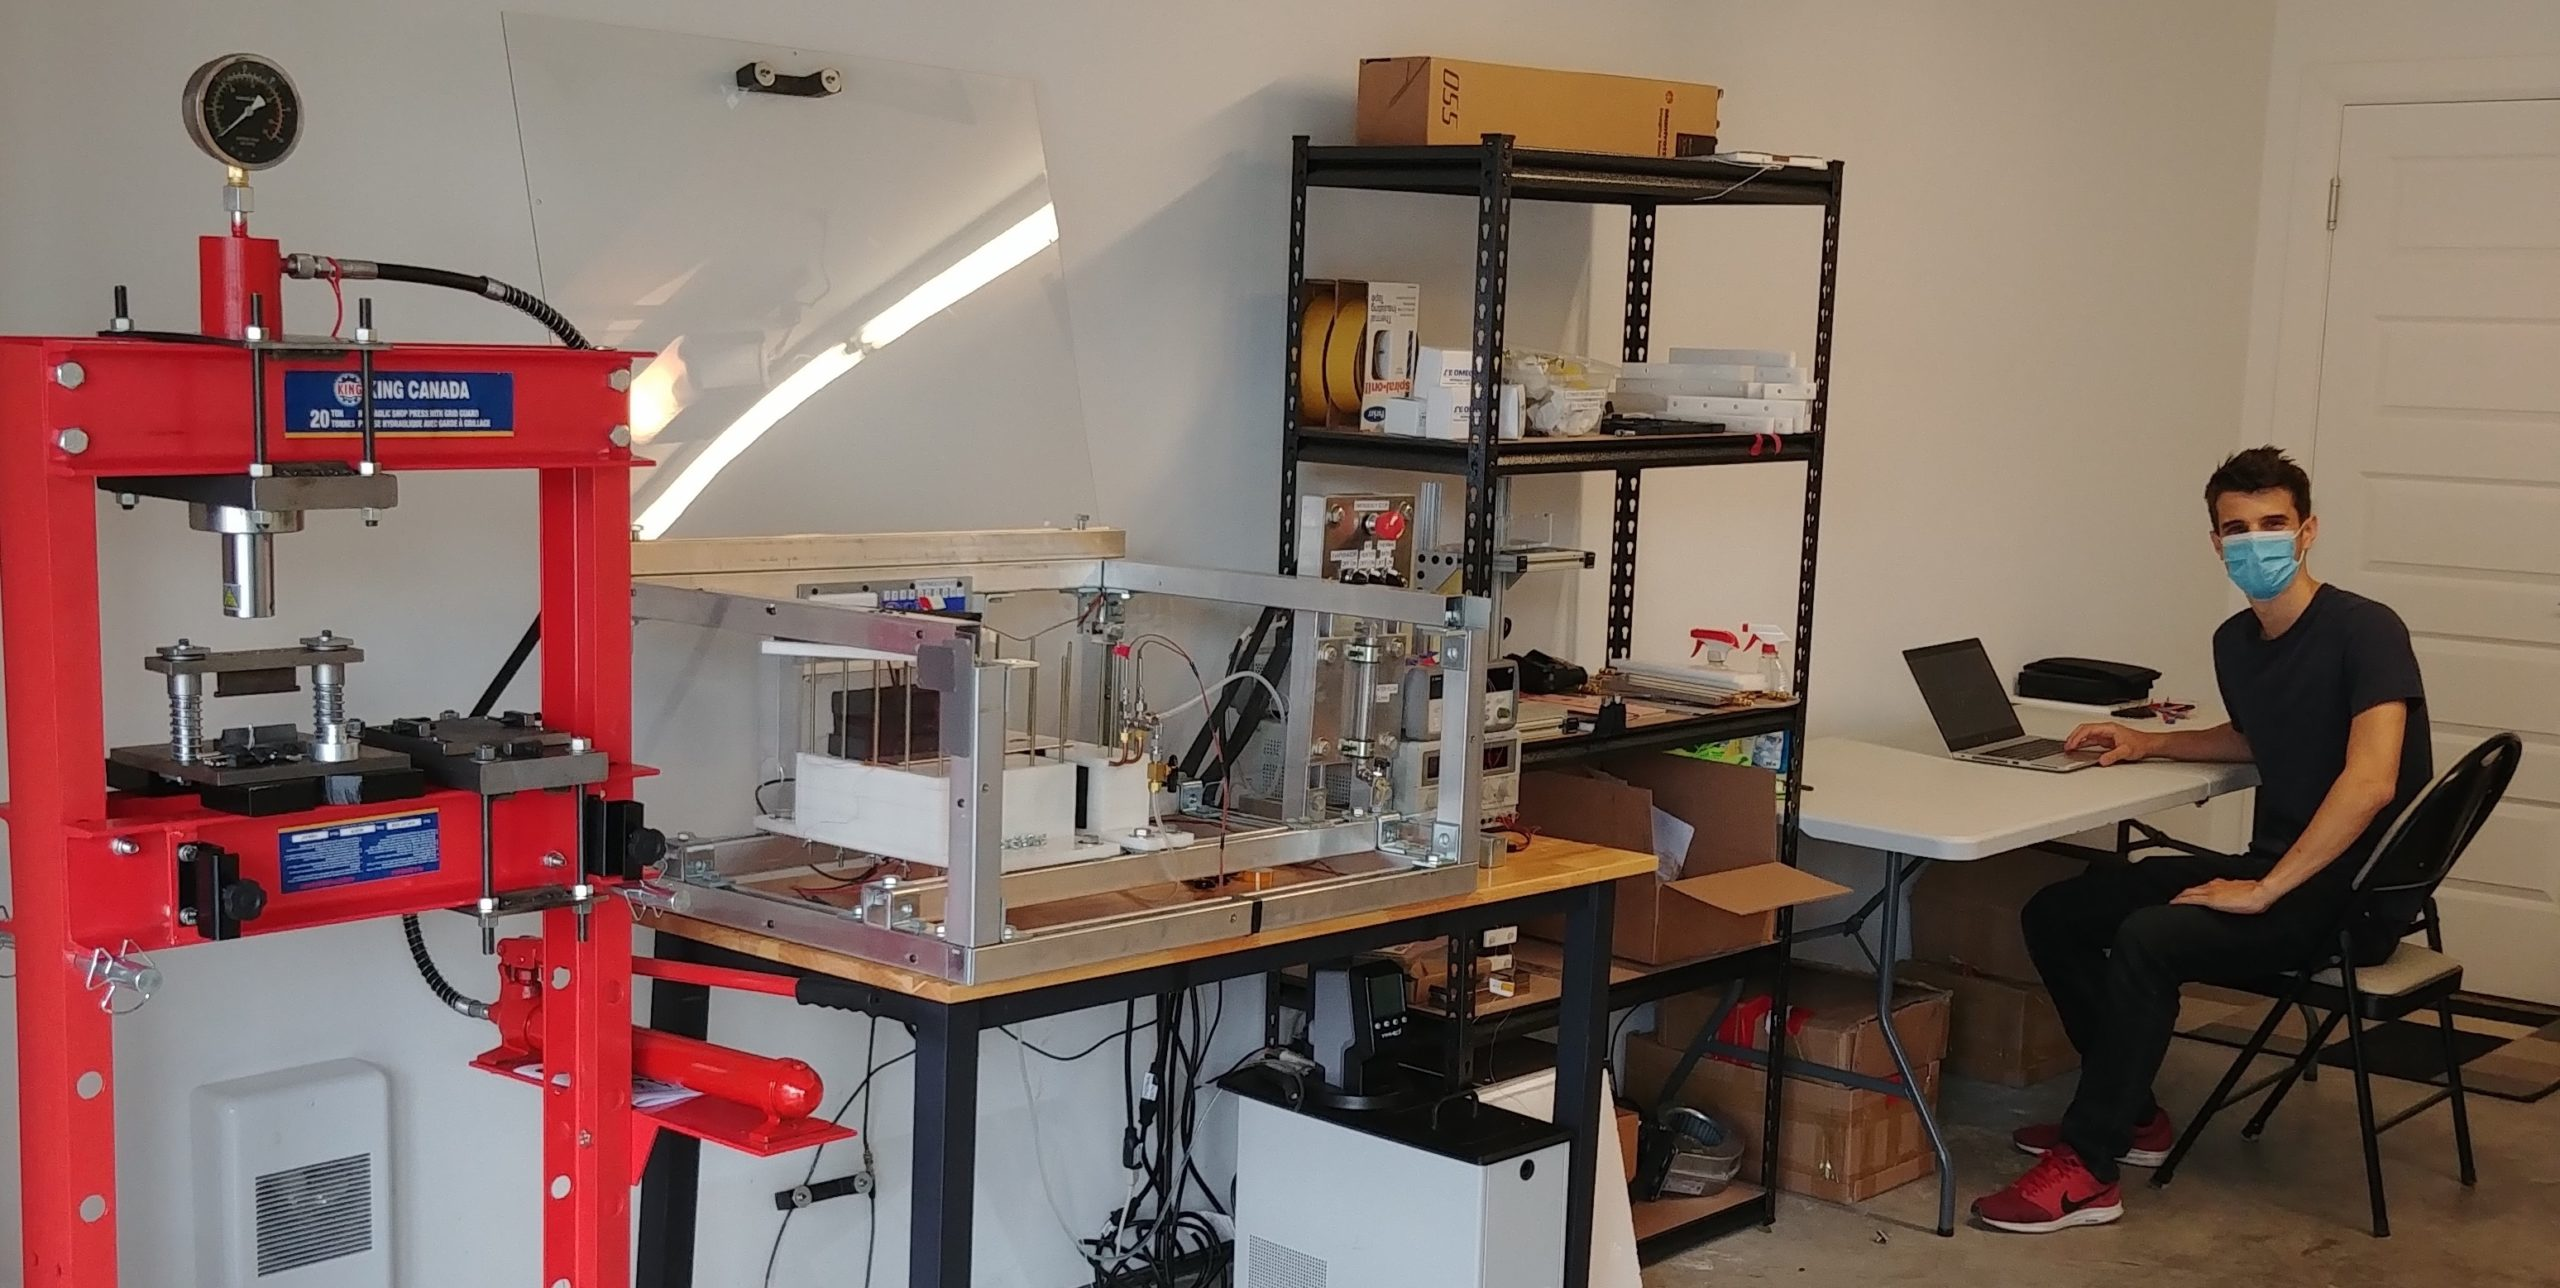 Réinventer le télétravail : Comment une startup de Sherbrooke est parvenue à continuer ses activités malgré la pandémie… dans le garage